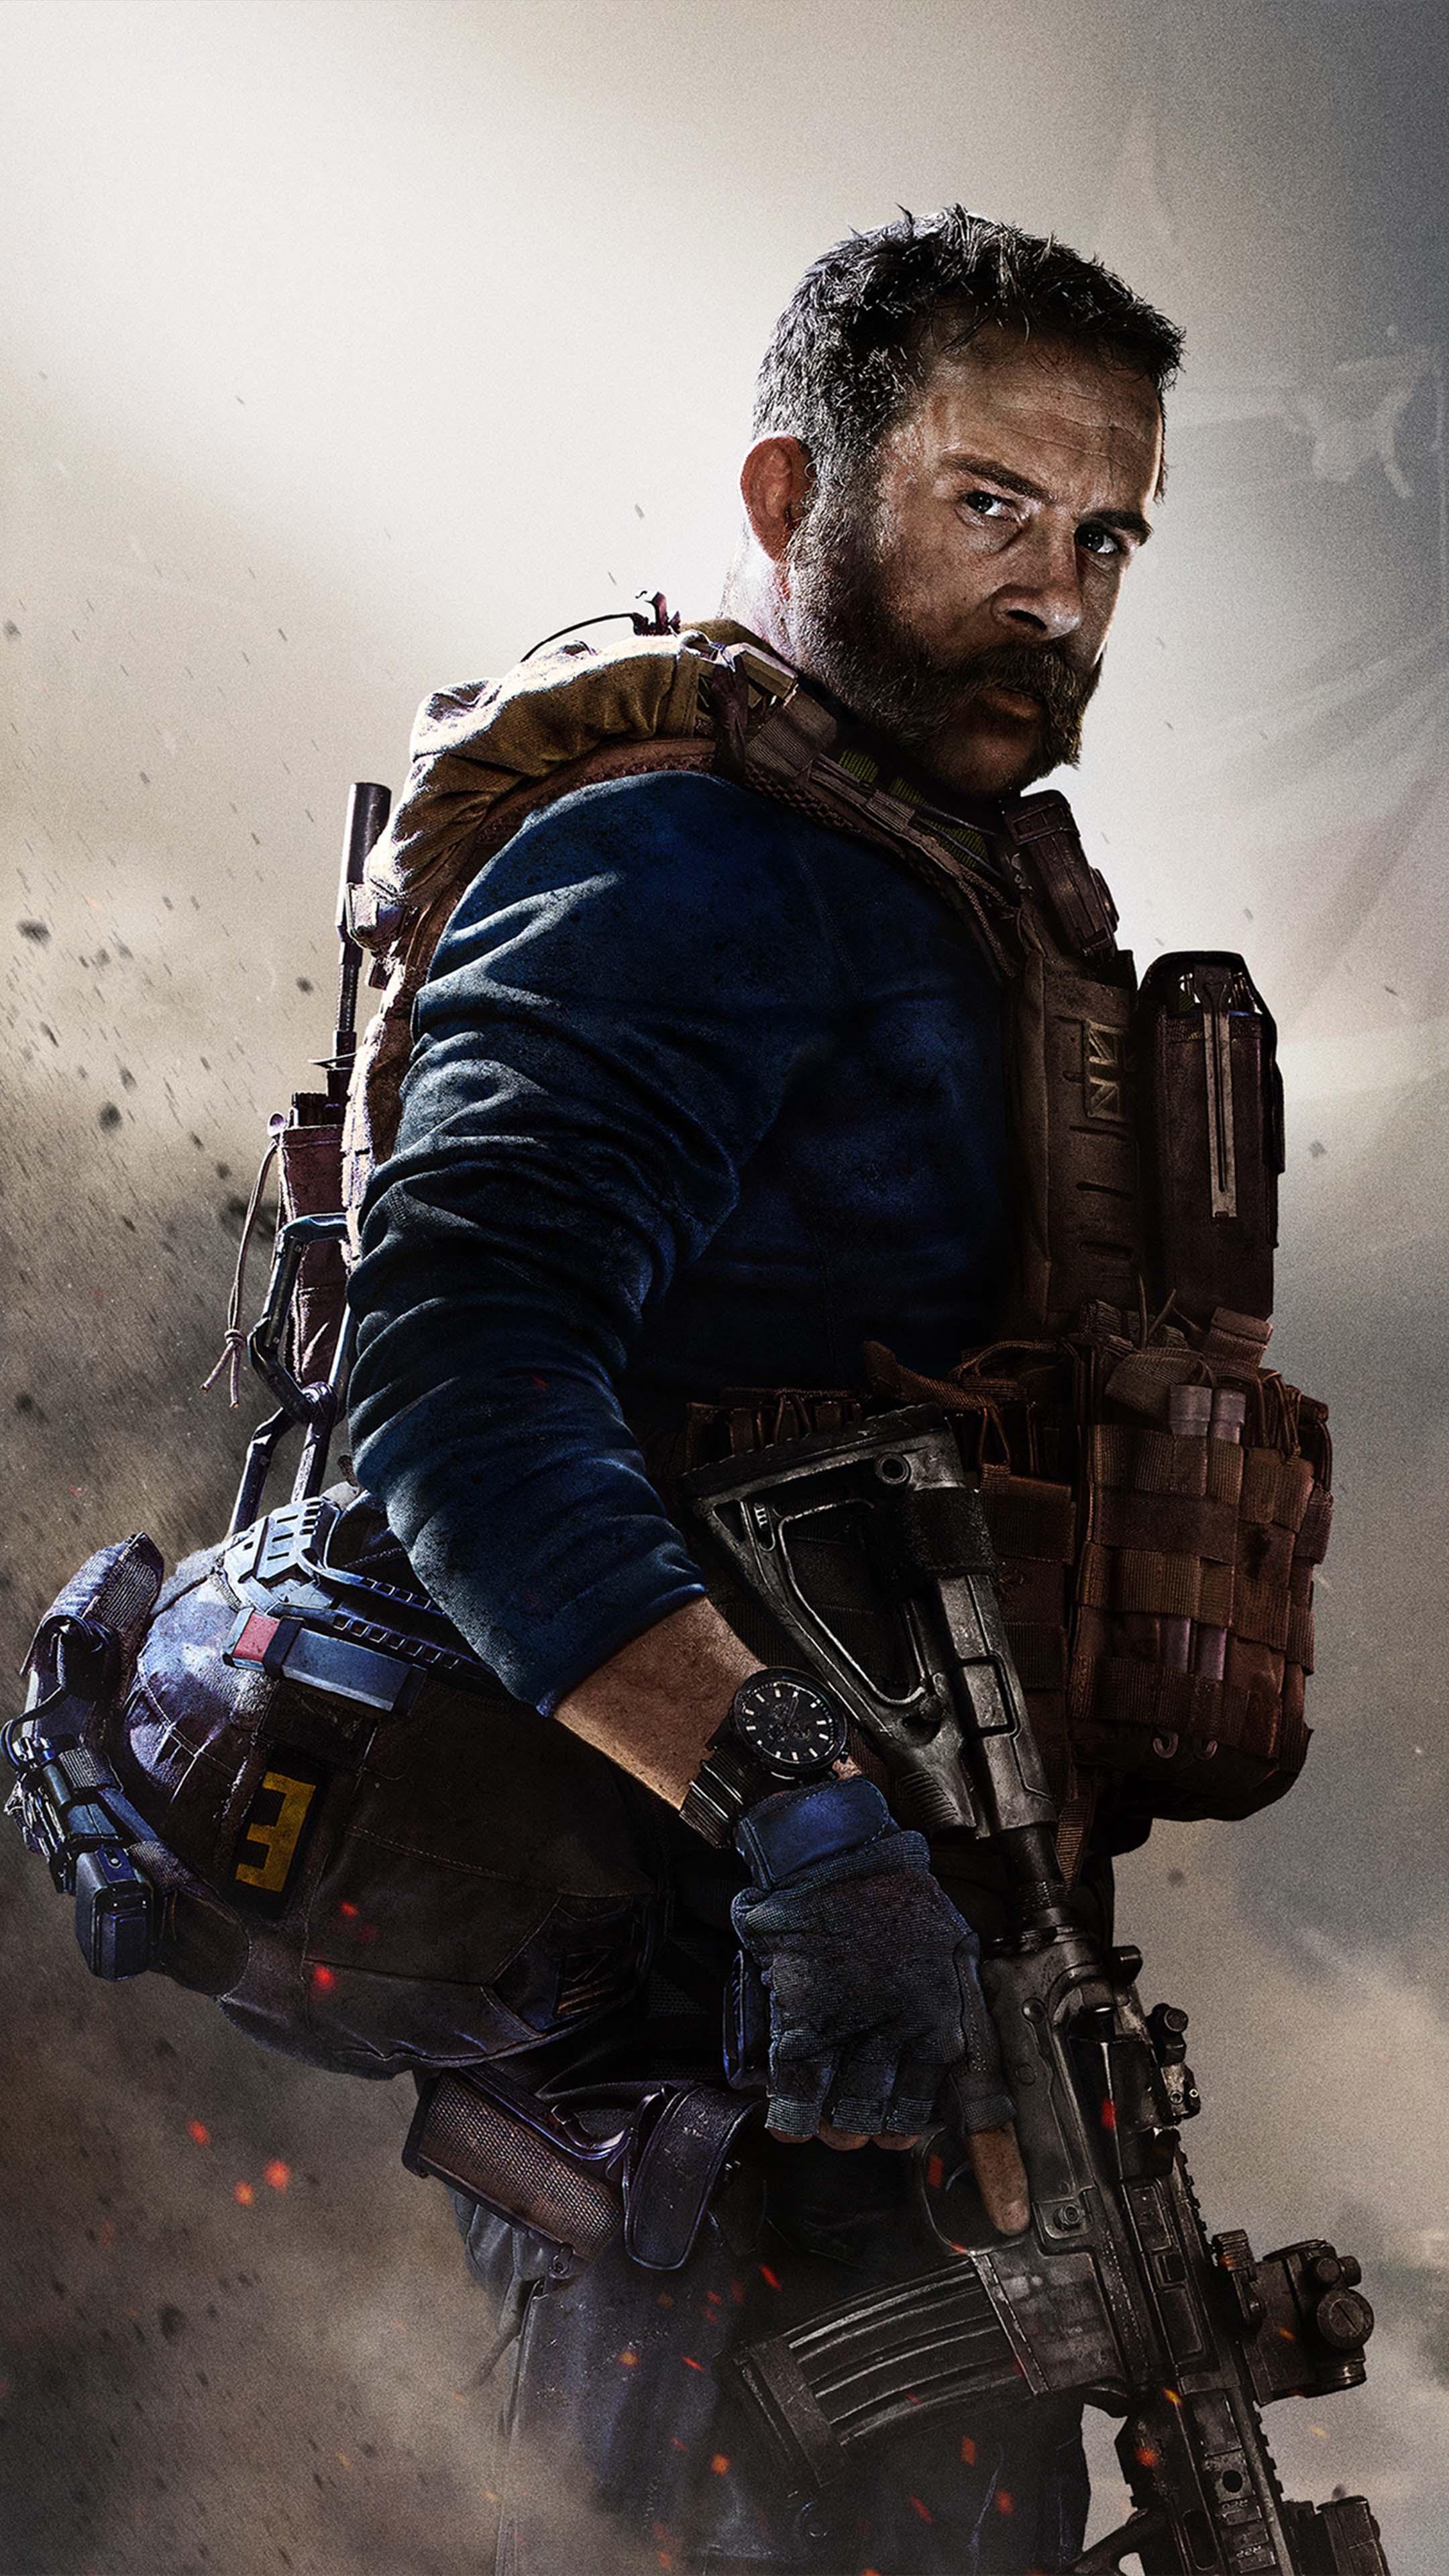 Call Of Duty Modern Warfare Free 4k Ultra Hd Mobile Wallpaper